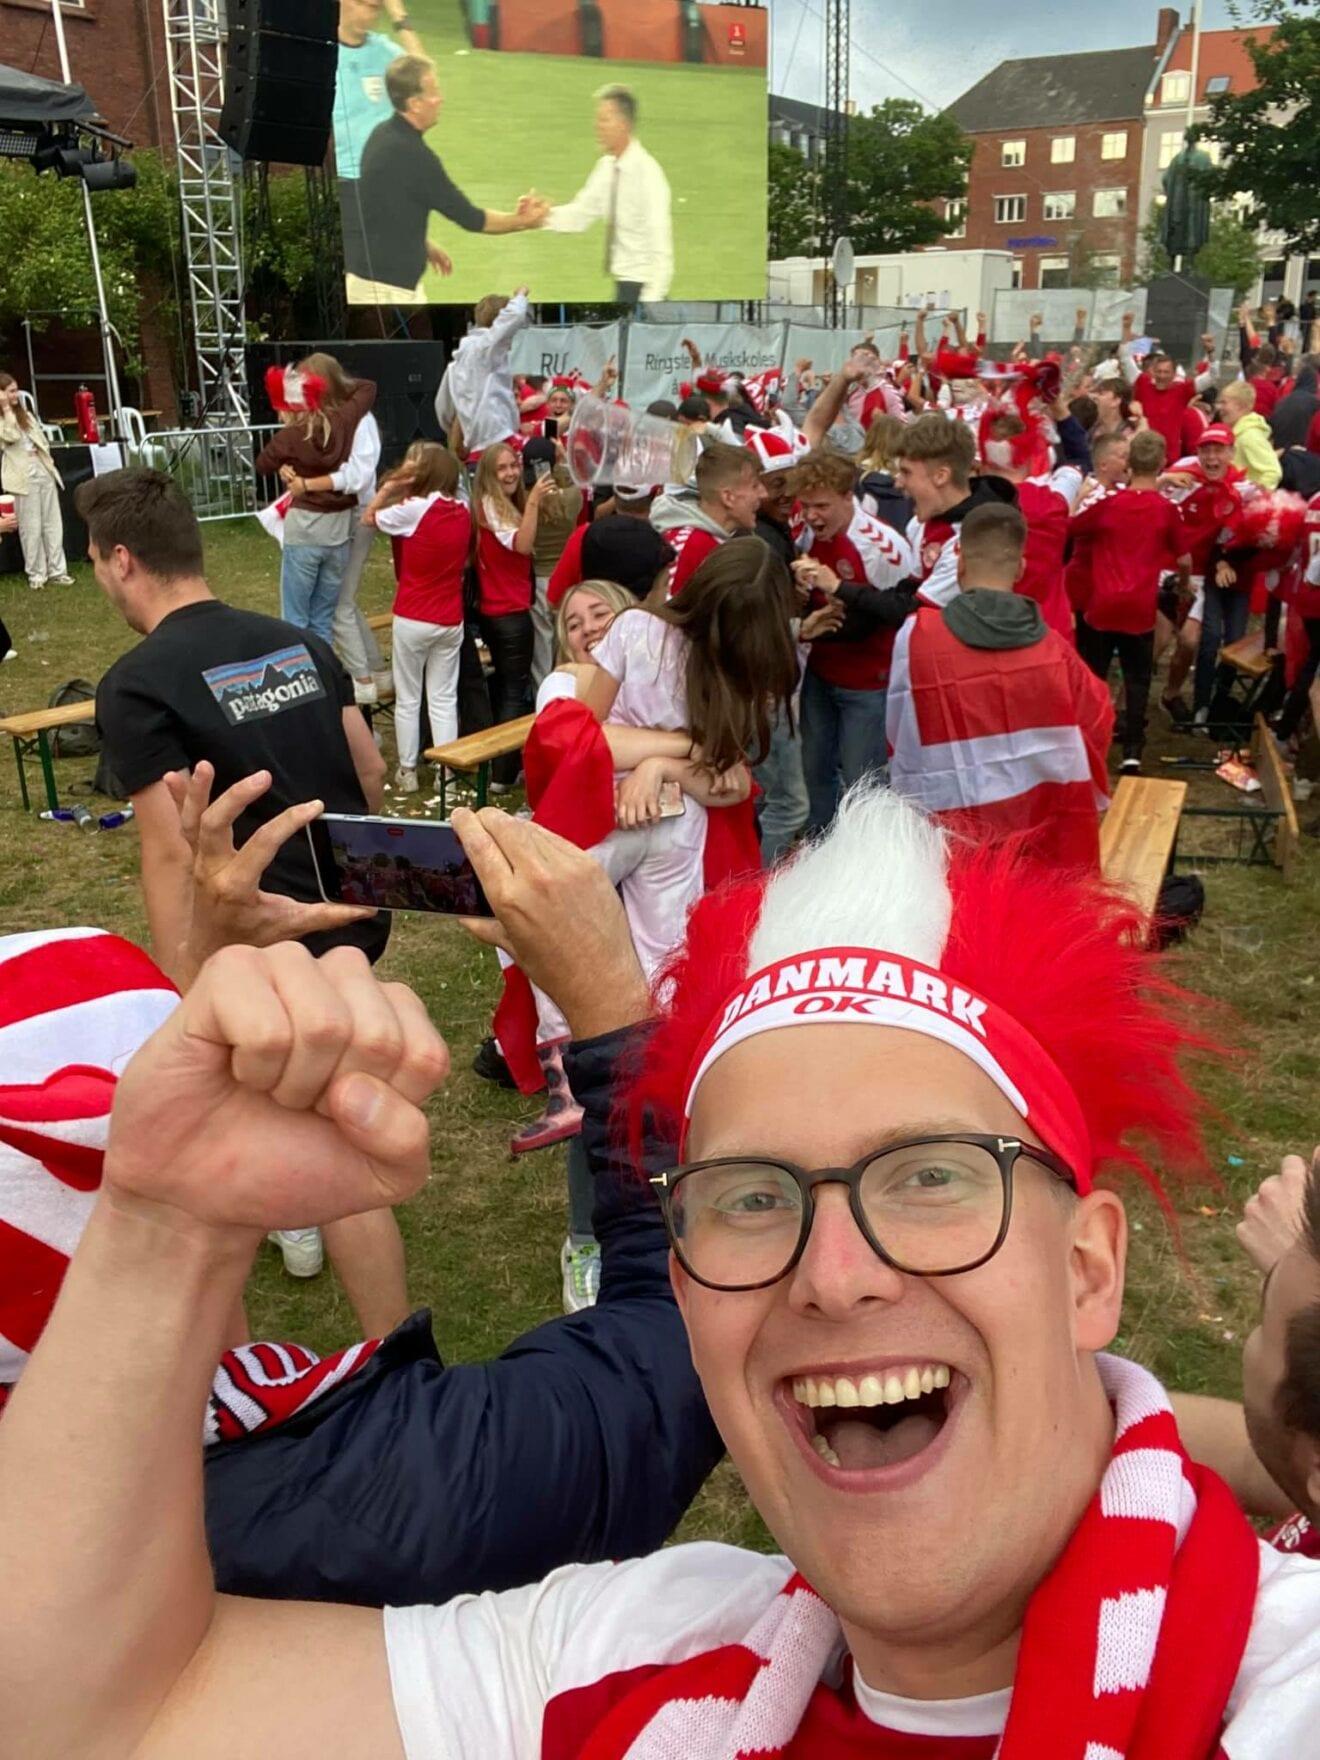 Karlsen: EM foran Sct. Bendts Kirke var en kæmpe succes